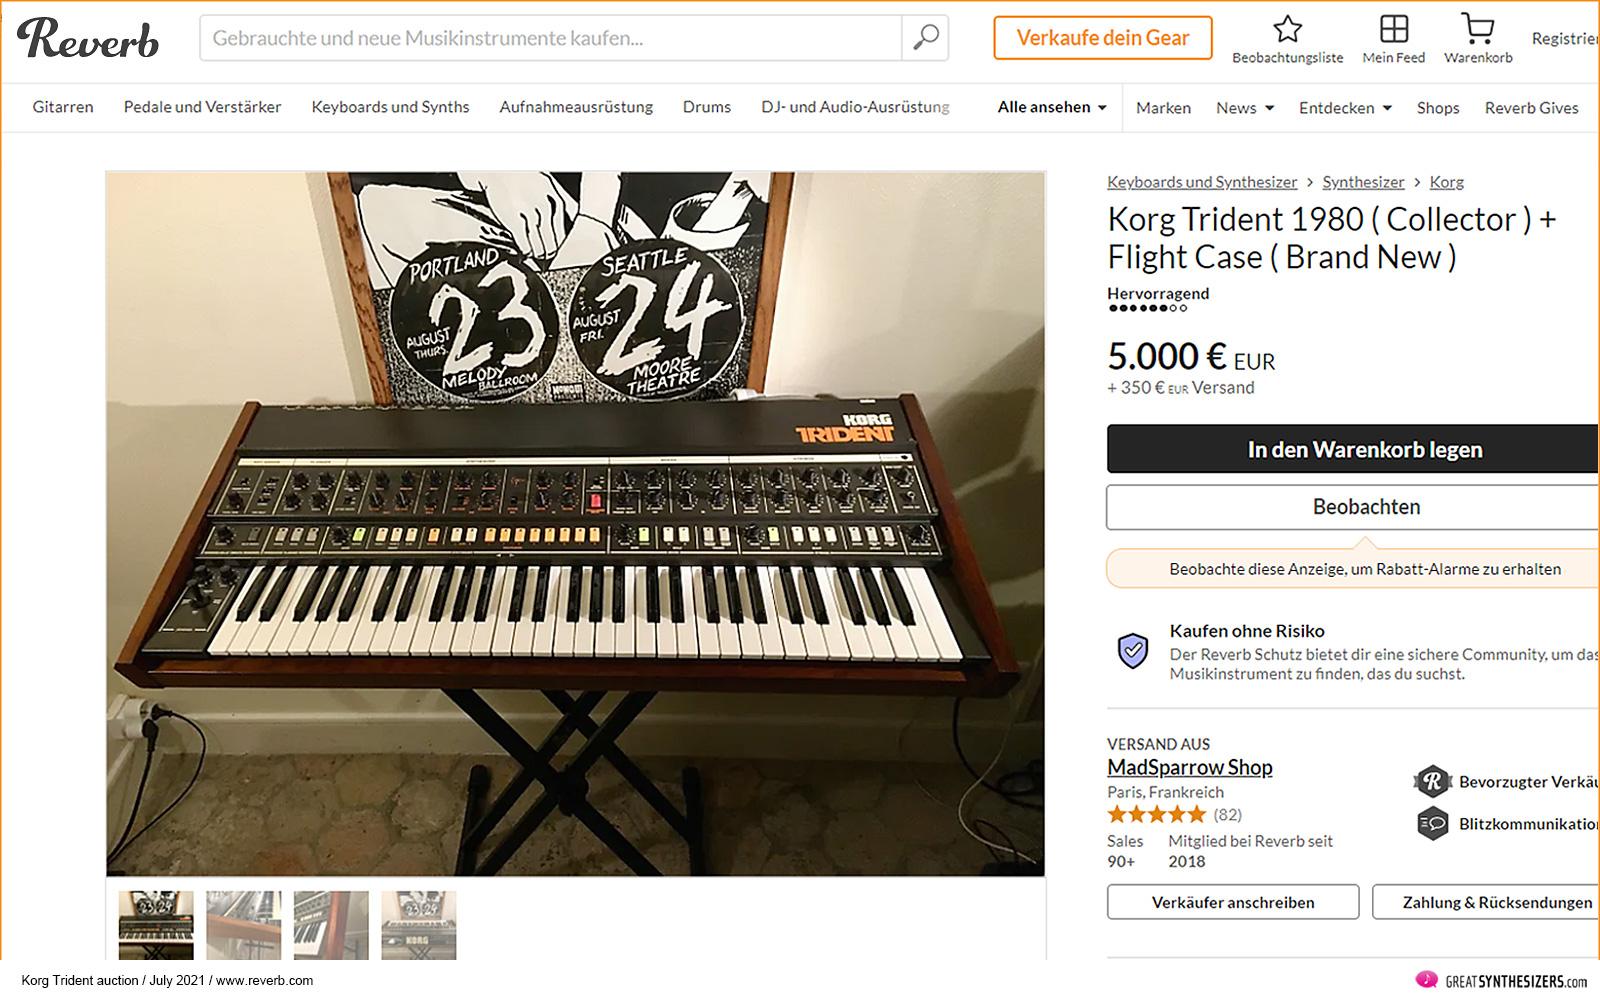 Korg Trident Synthesizer Auction